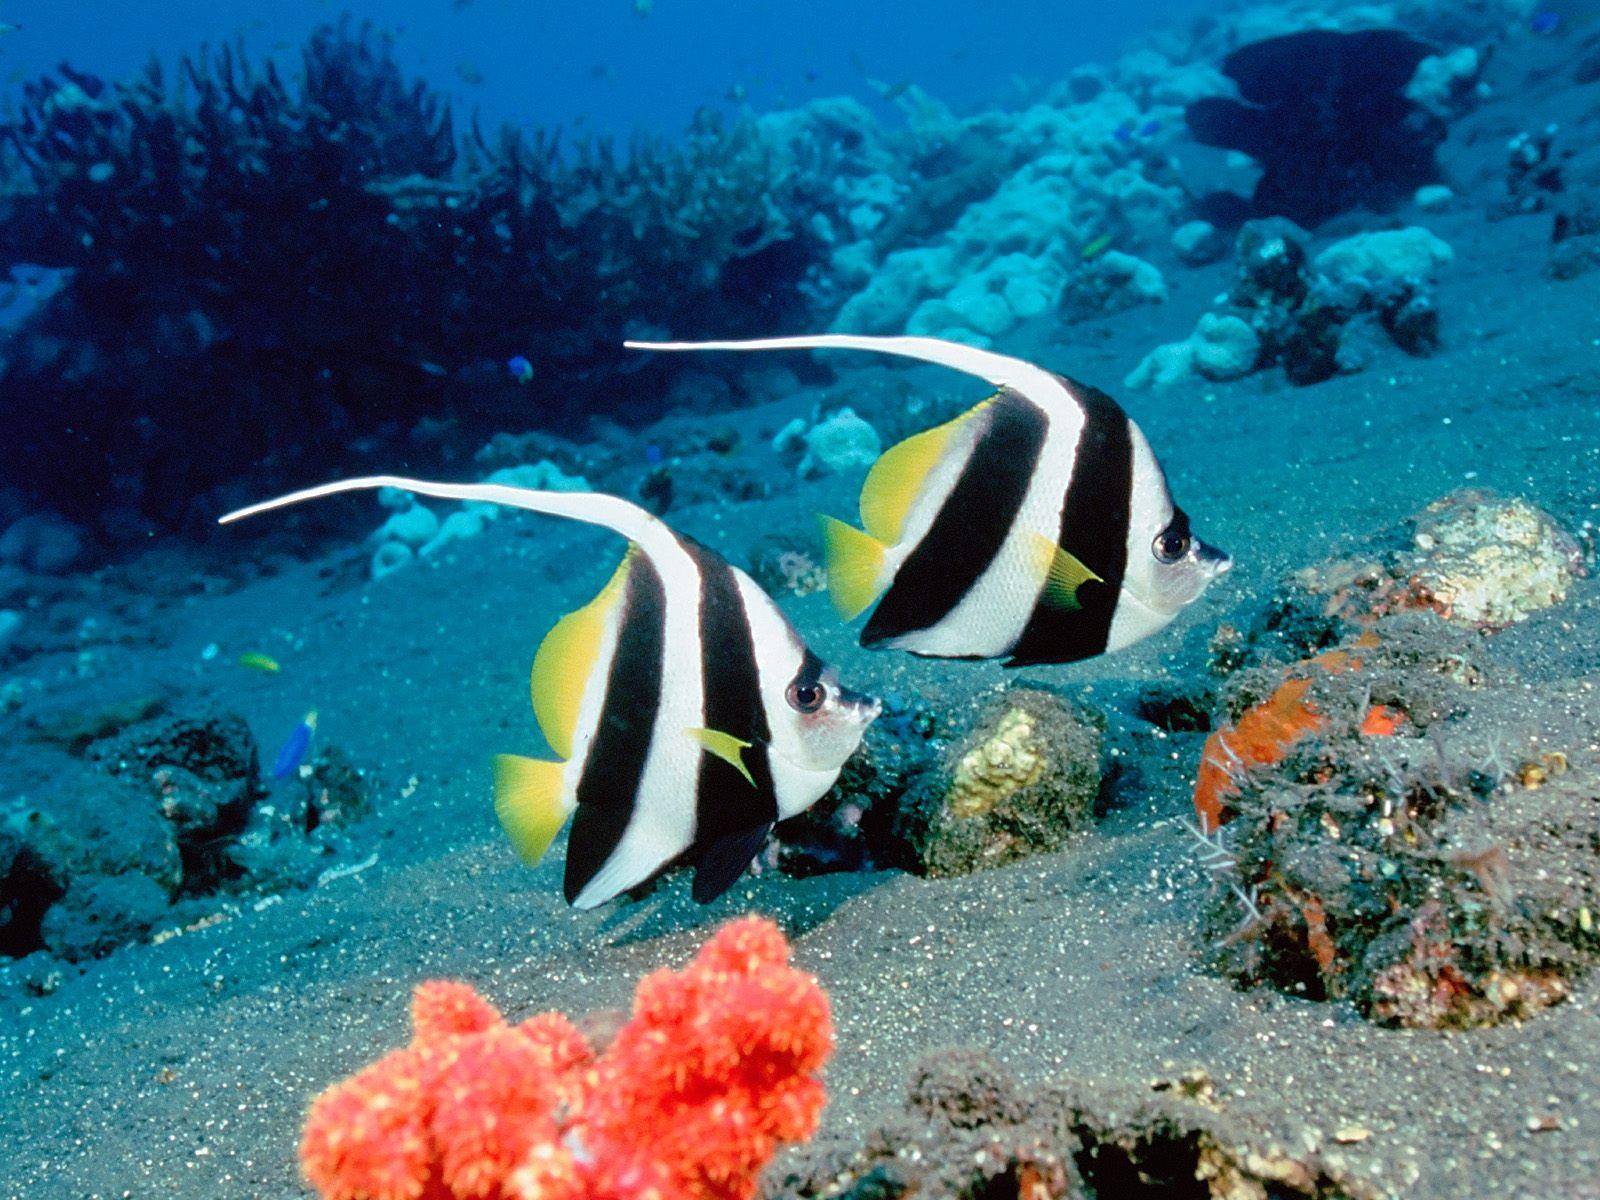 Wallpapers Underwater